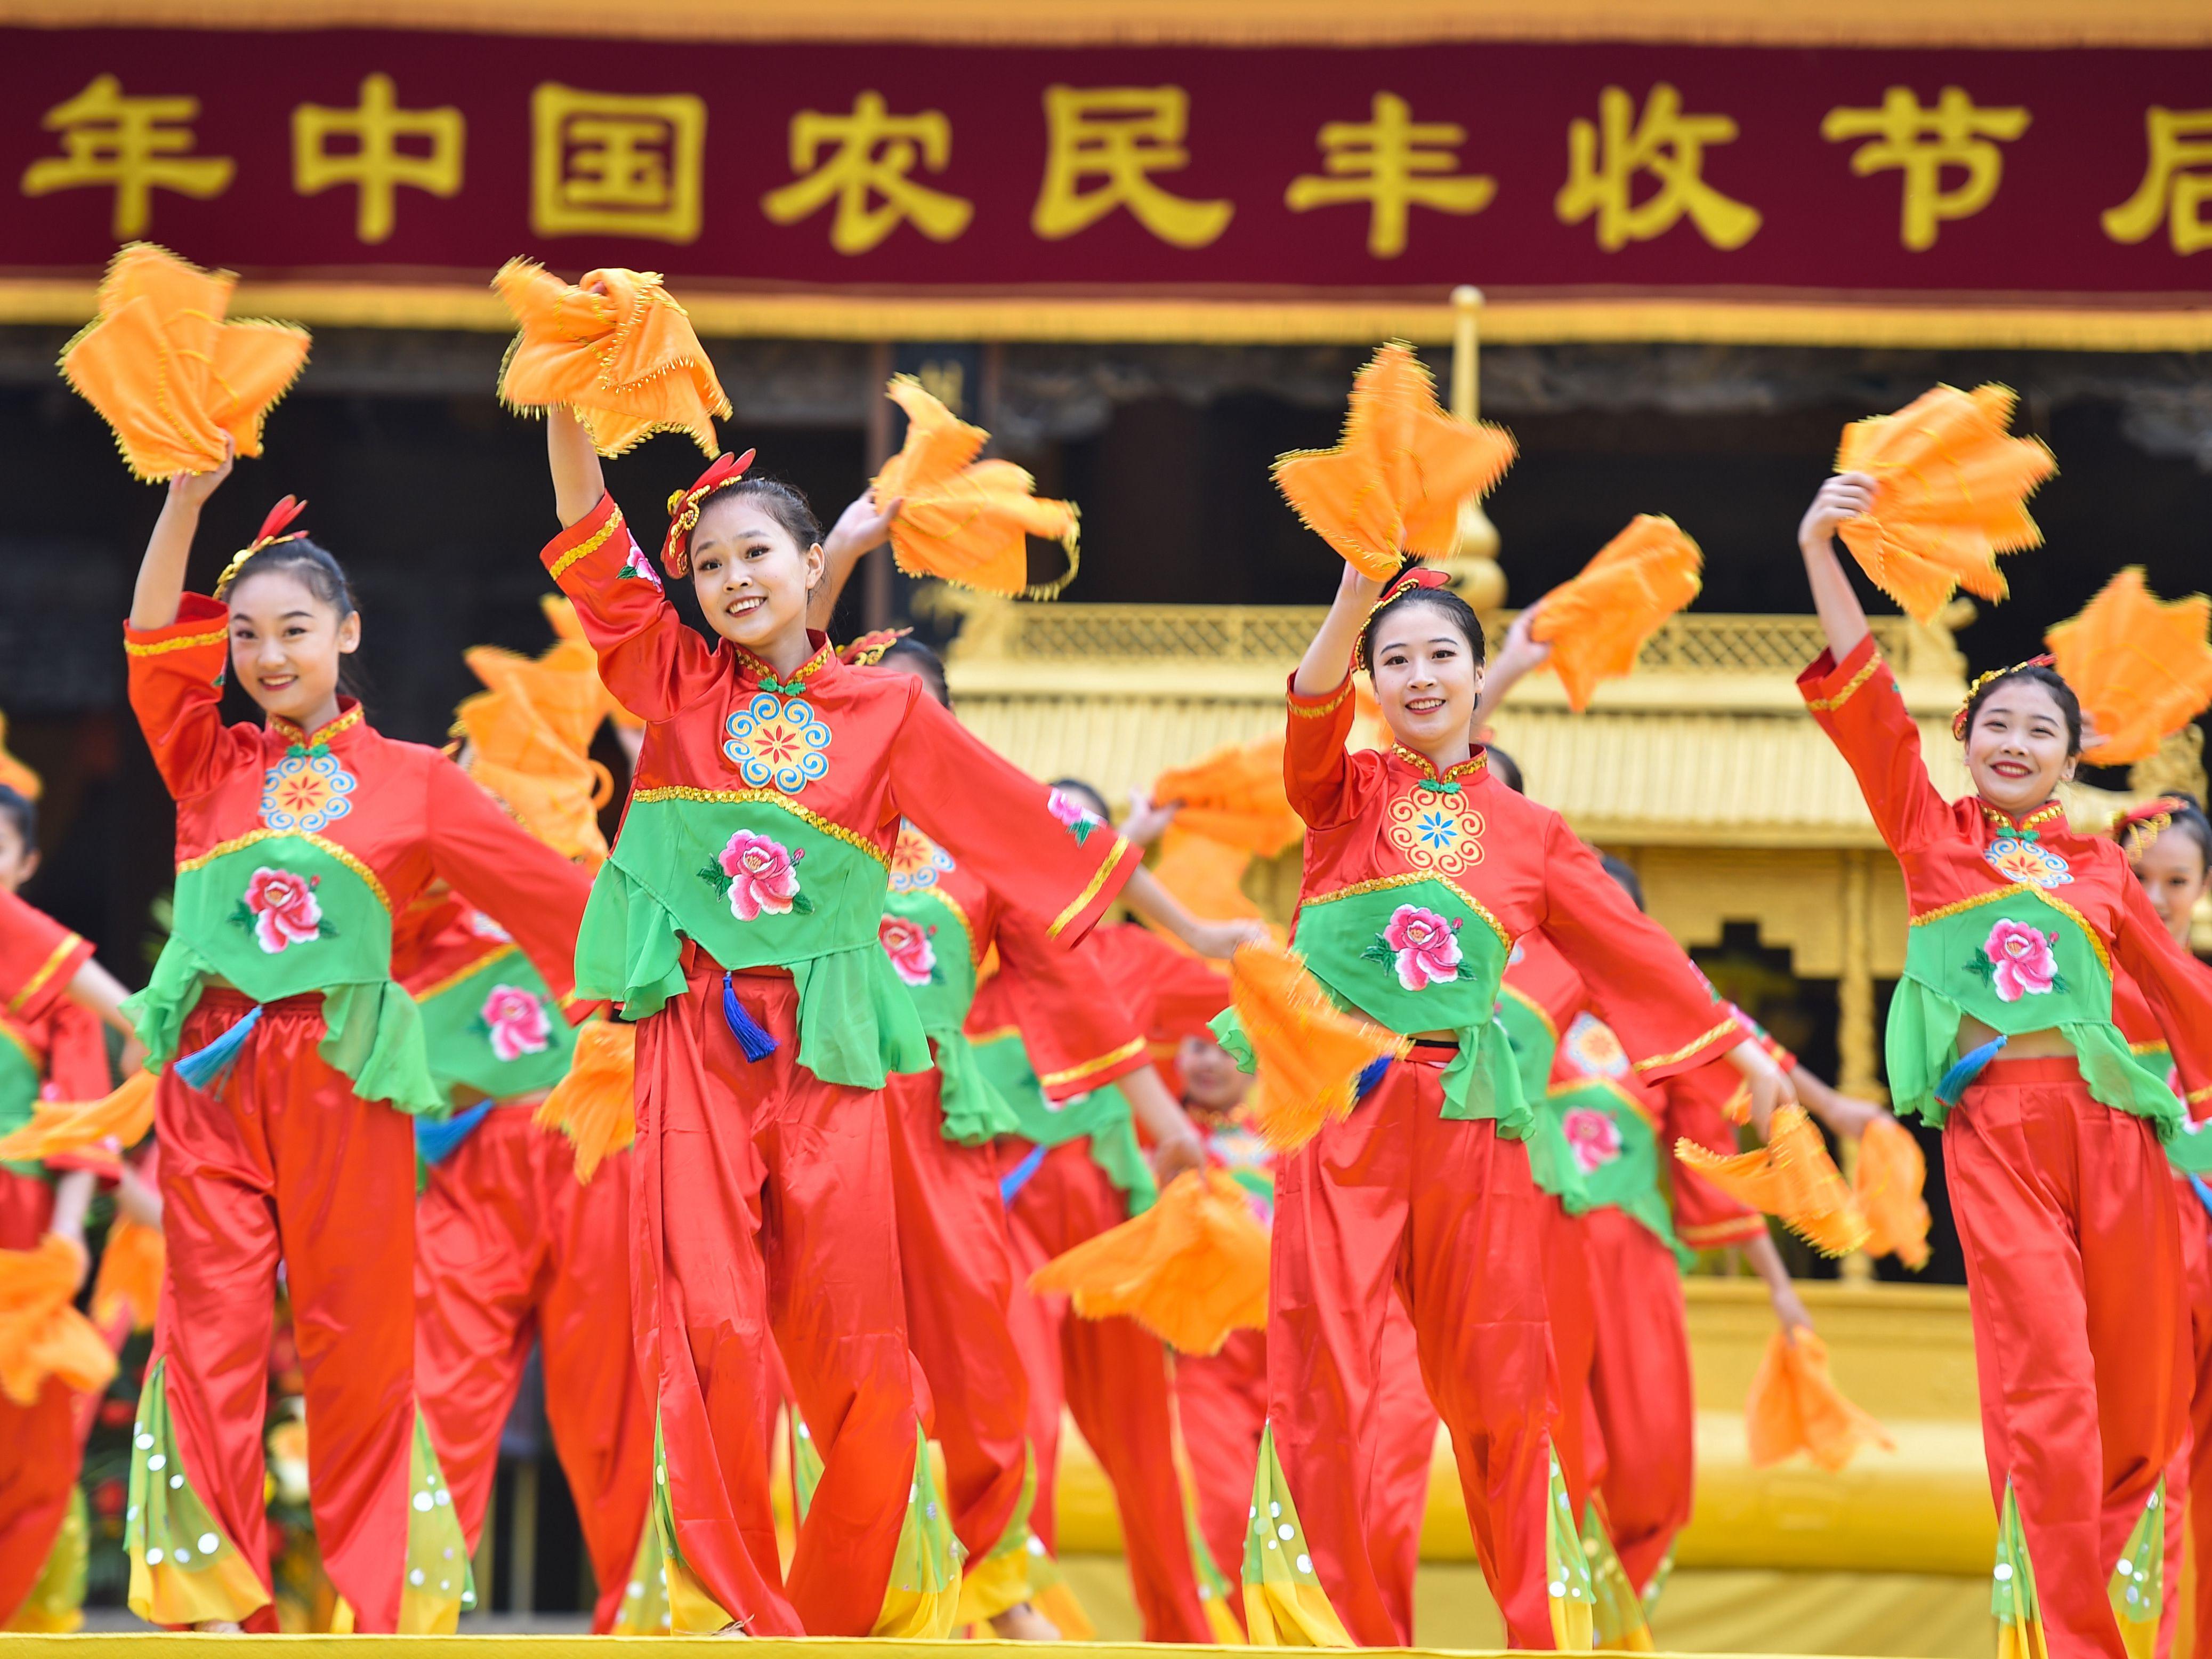 第三个中国农民丰收节主场活动在山西举行